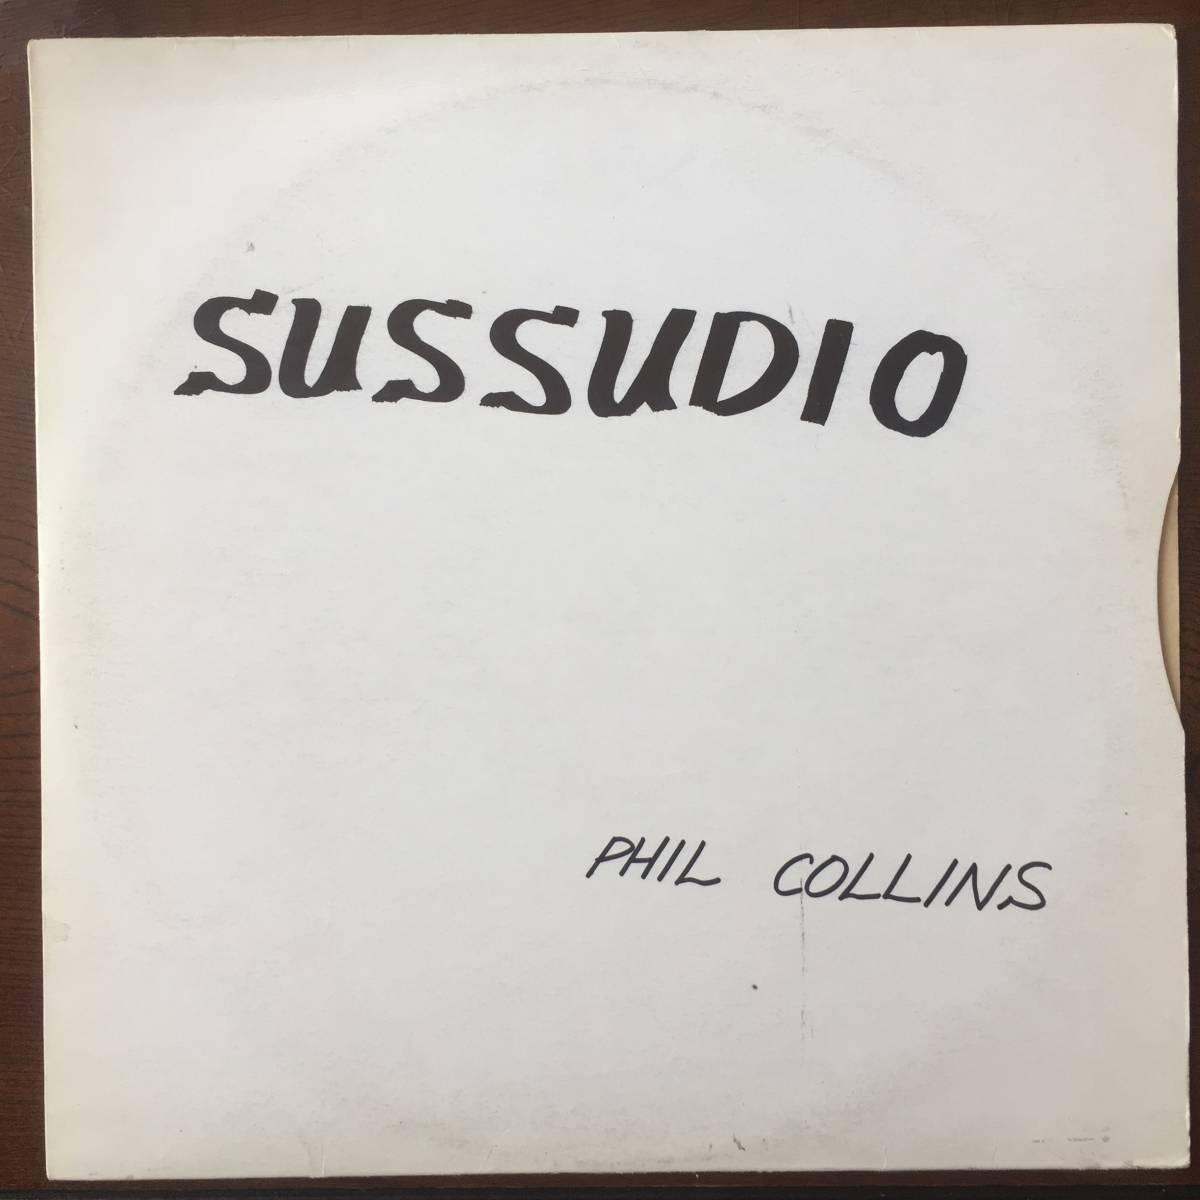 【送料無料】181002〇LP 12 Phil Collins - Sussudio THE MAN WITH THE HORN / フィルコリンズ / Atlantic - 0-86895 / 1985年 ユーロ POP_画像1